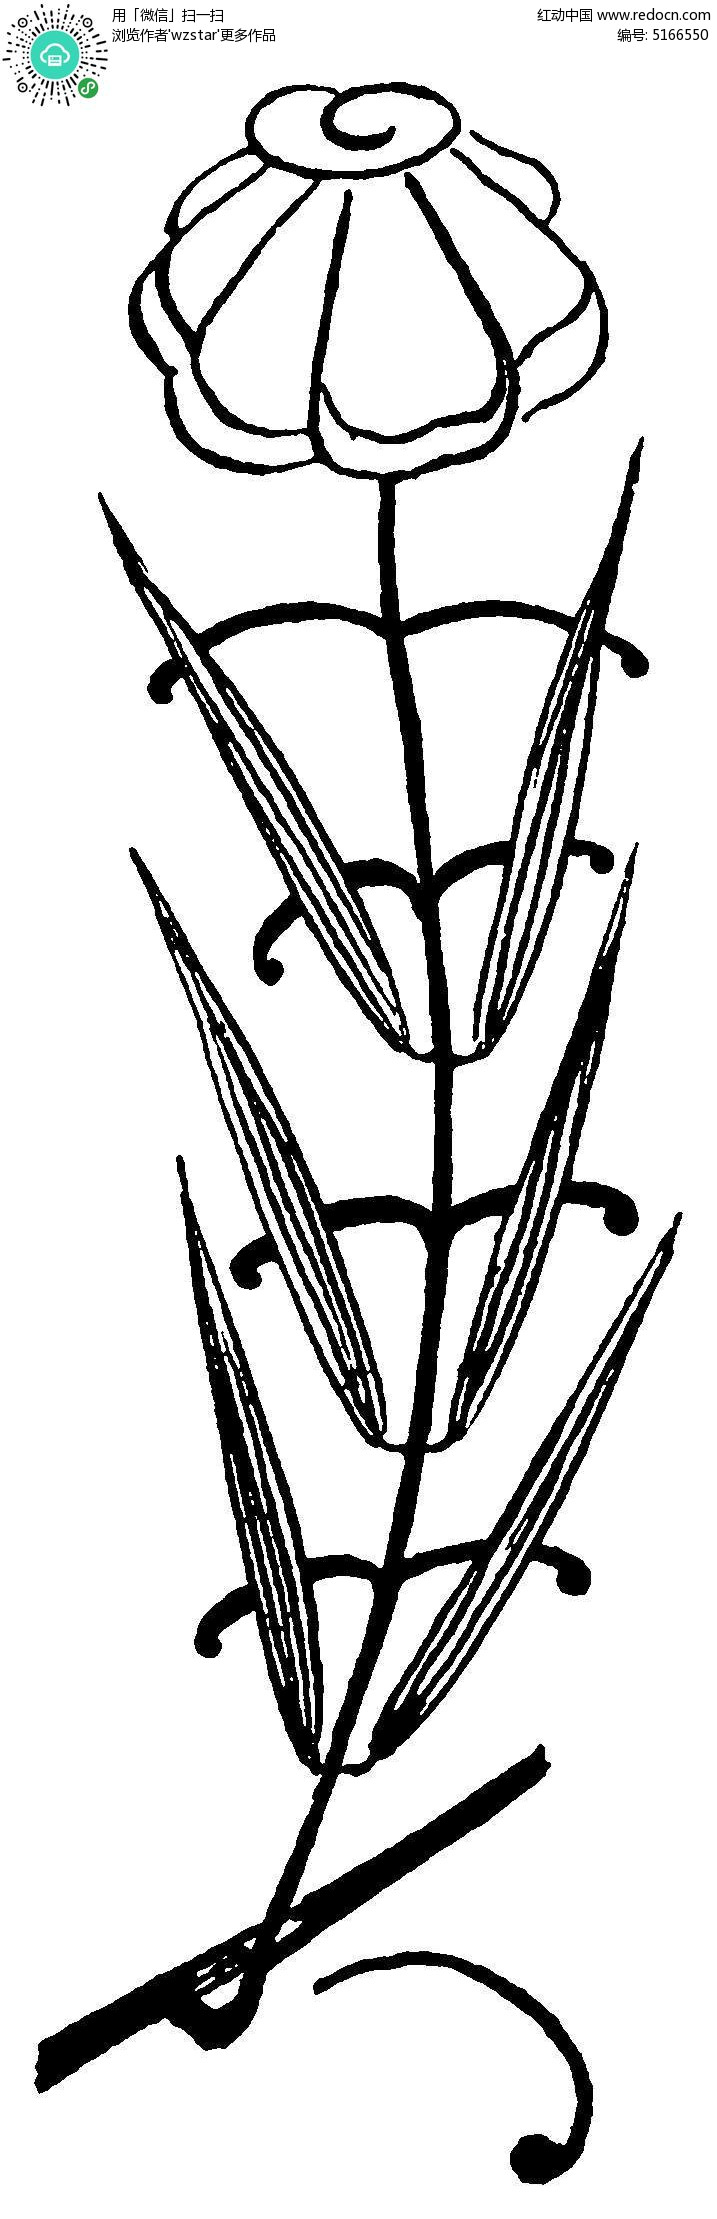 免费素材 矢量素材 花纹边框 花纹花边 植物花朵镂空装饰线条纹理图案